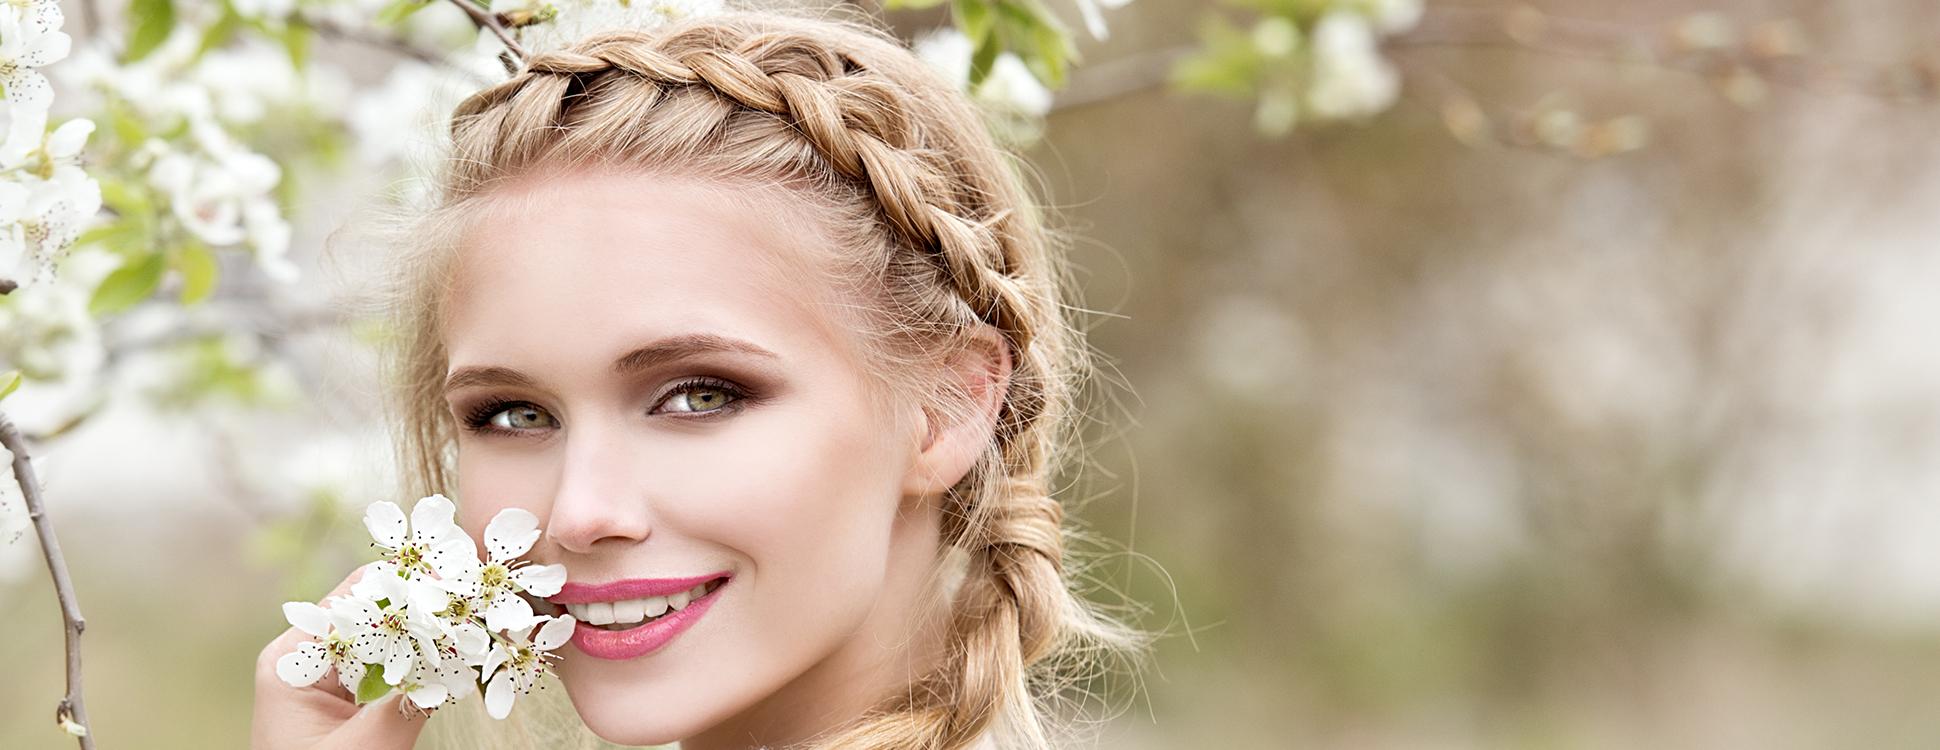 Coiffeur visagiste femme paris pansyperylaura blog for Salon de coiffure sexy